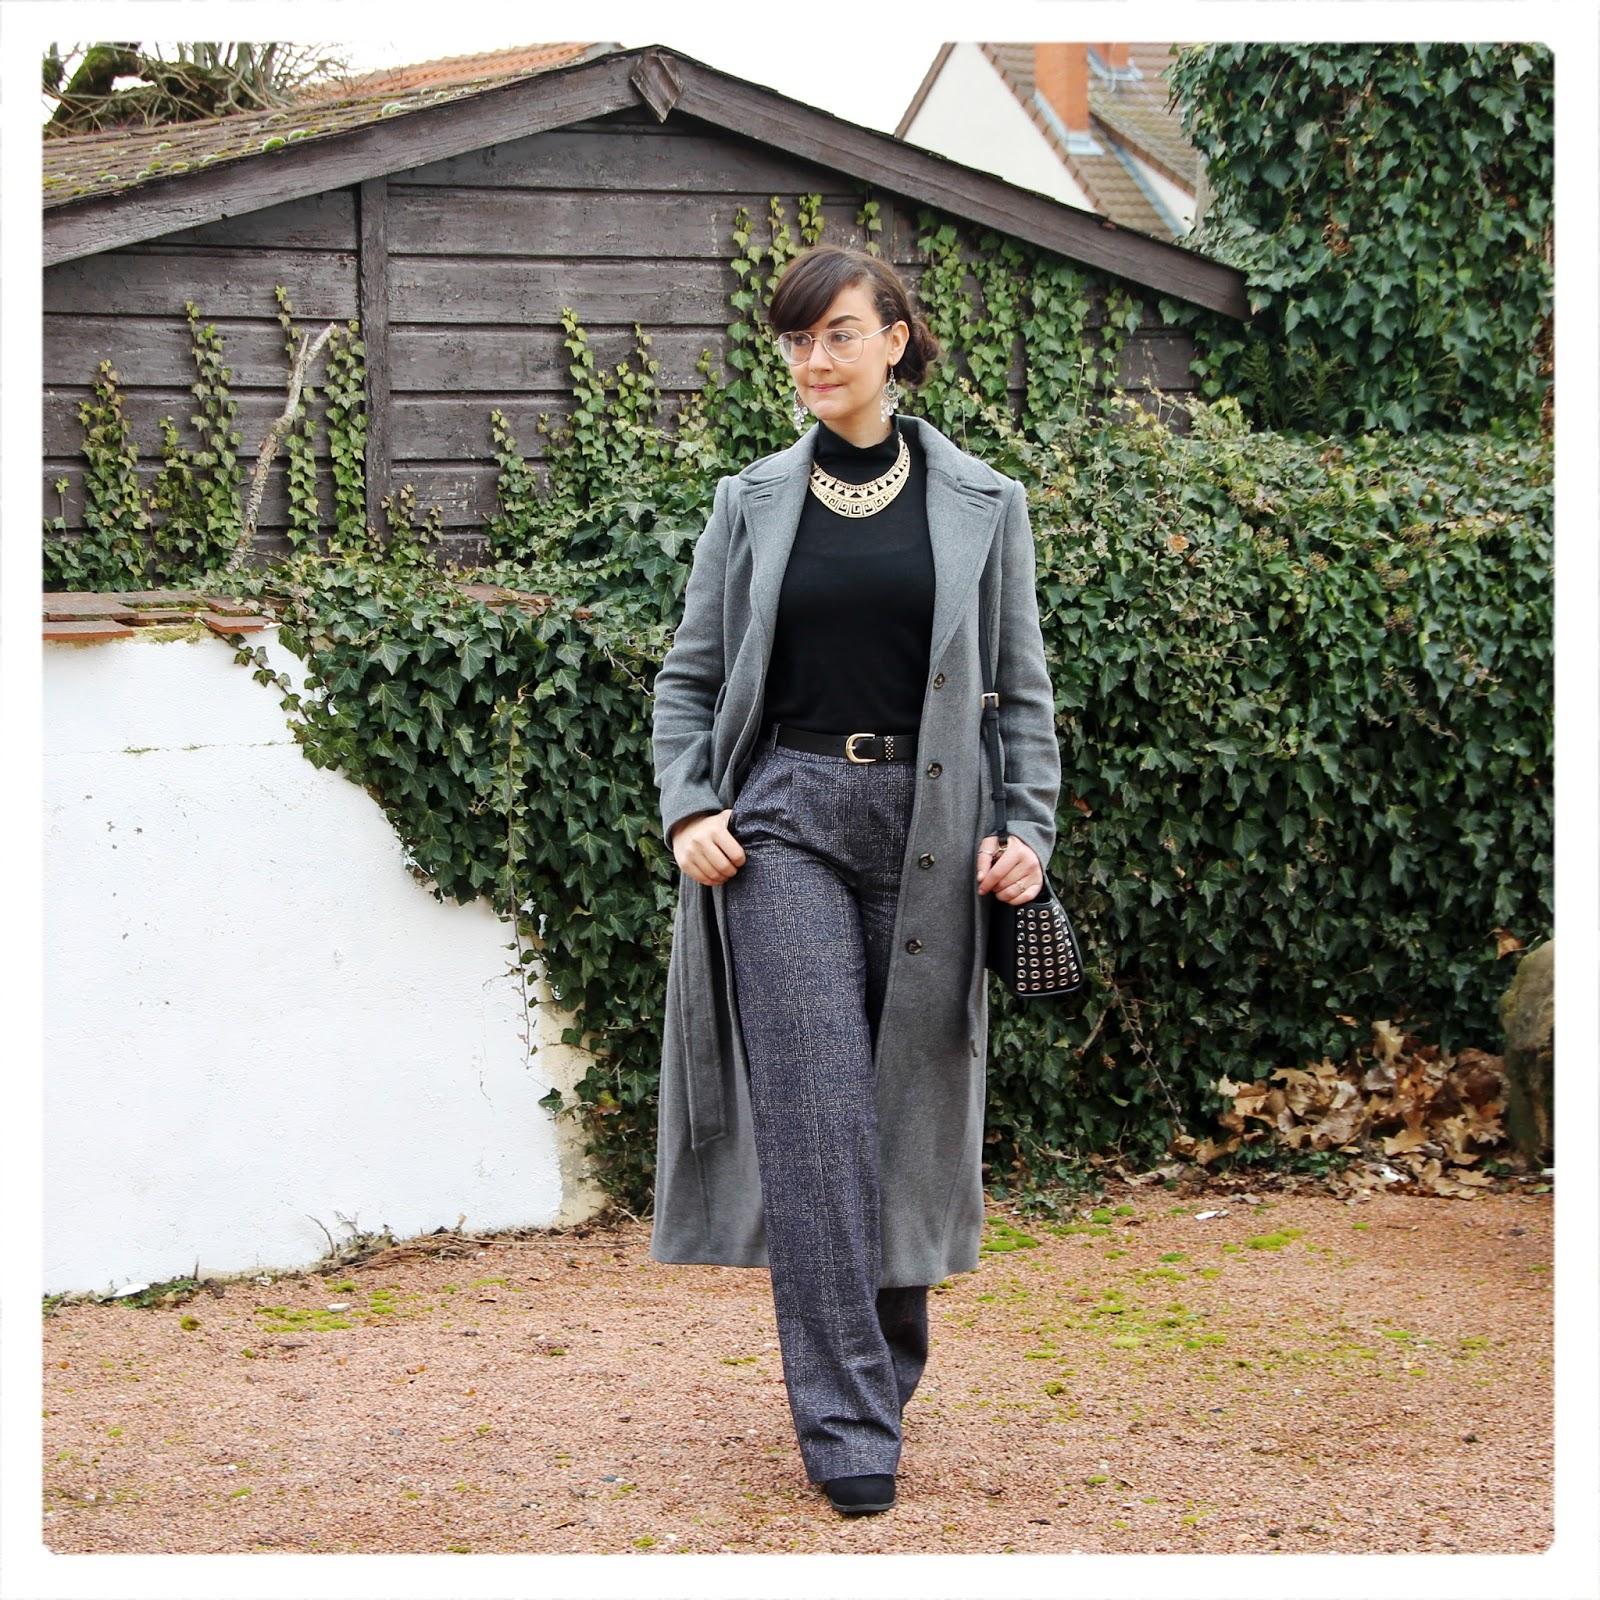 https://unblogdefille.blogspot.fr/2018/03/look-long-manteau-gris-et-pantalon-gris.html